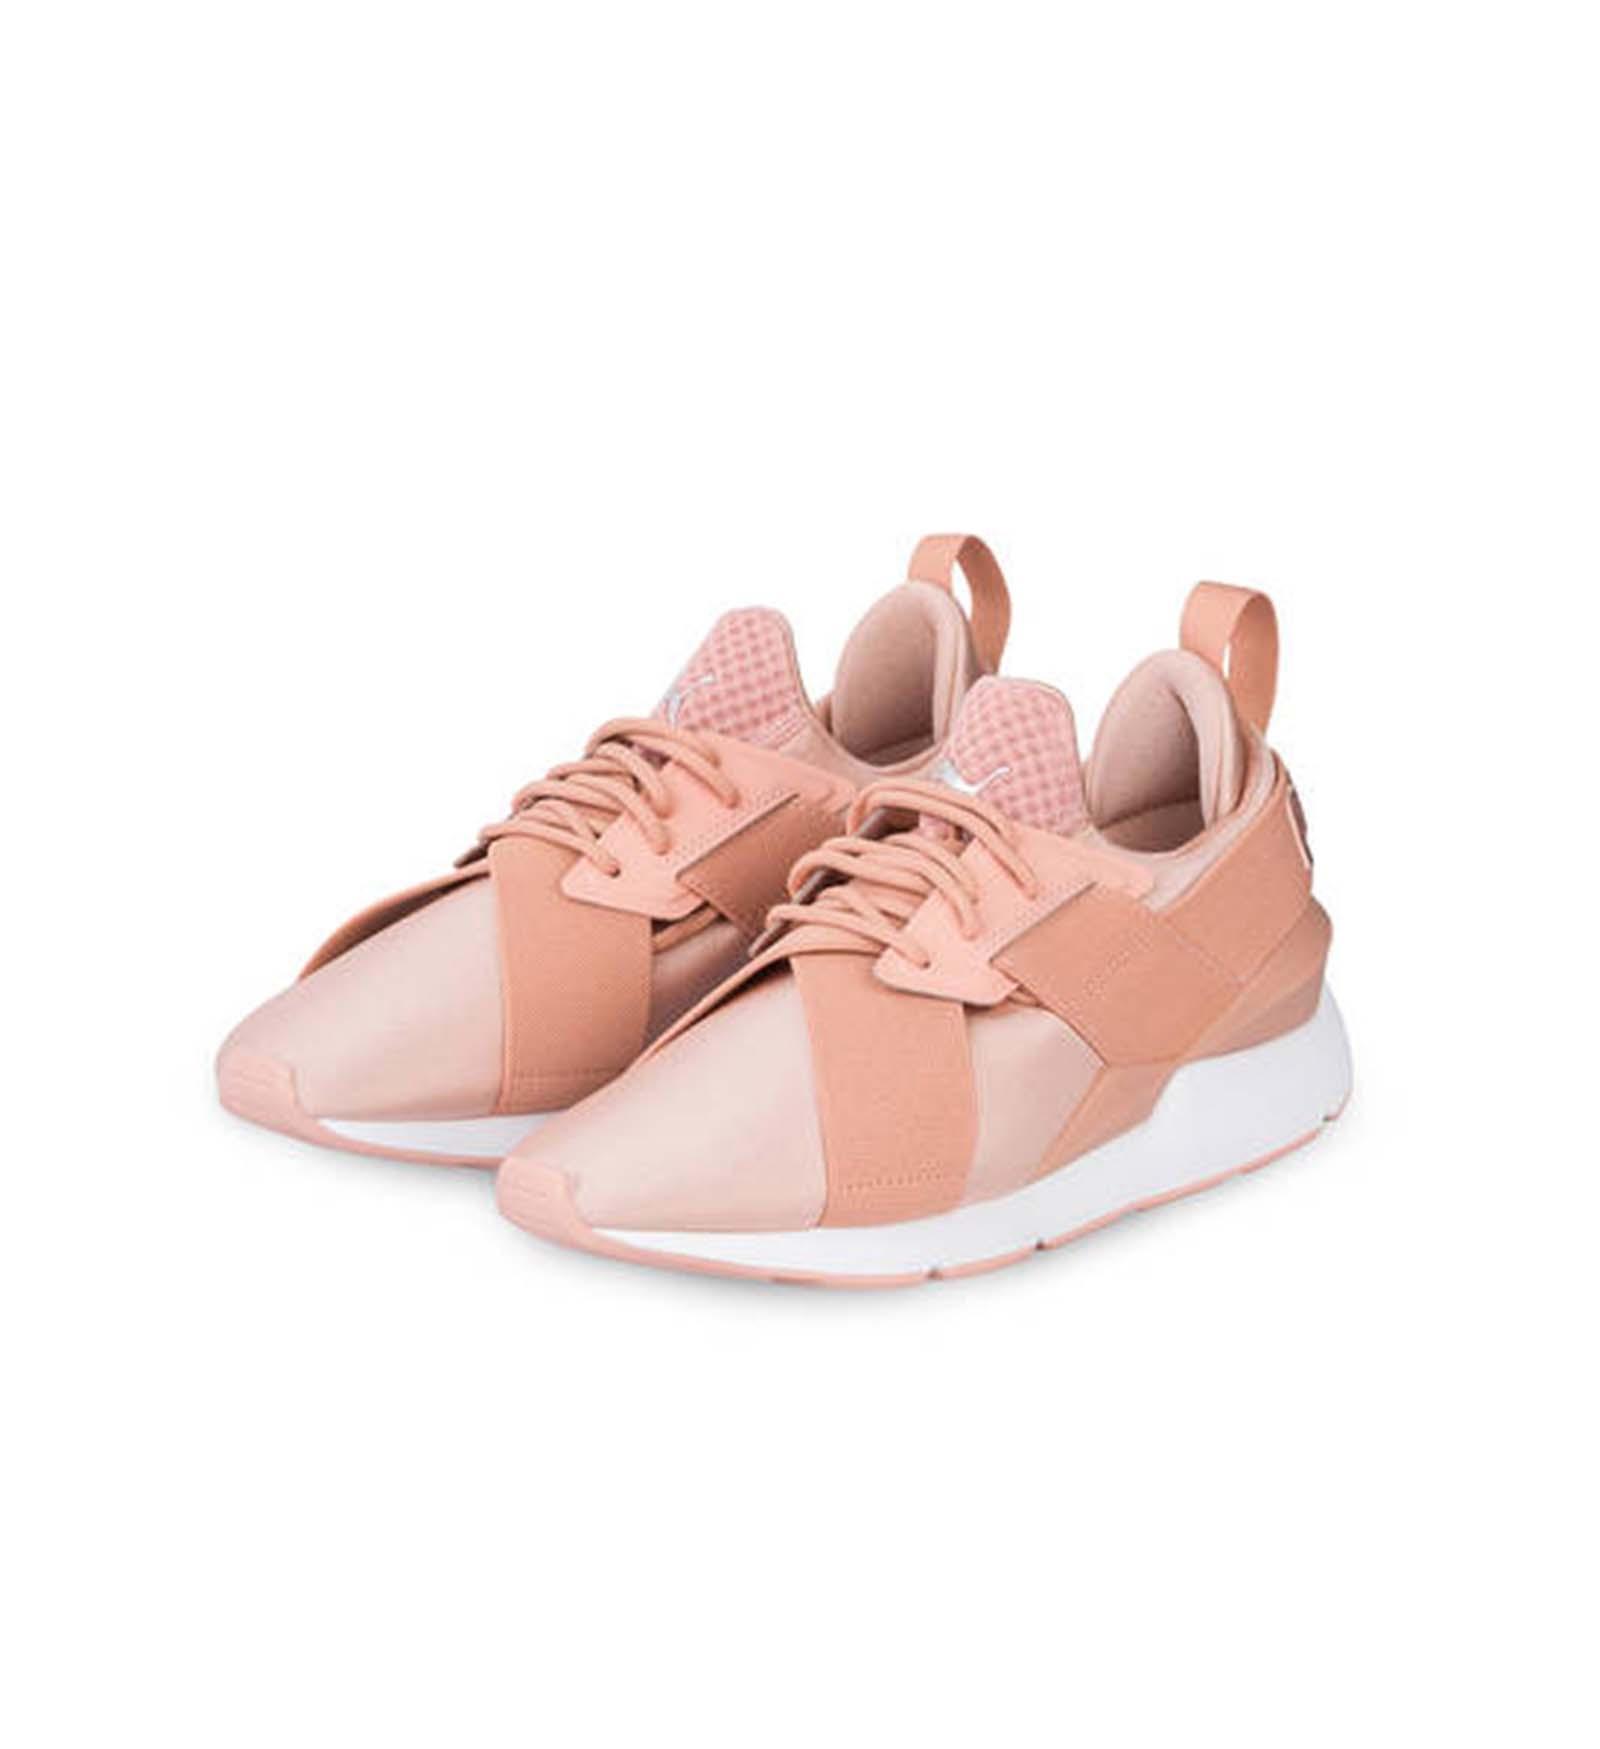 26.03.2018 Trend_Sneaker_NewsCred_1160x1740_3.jpg